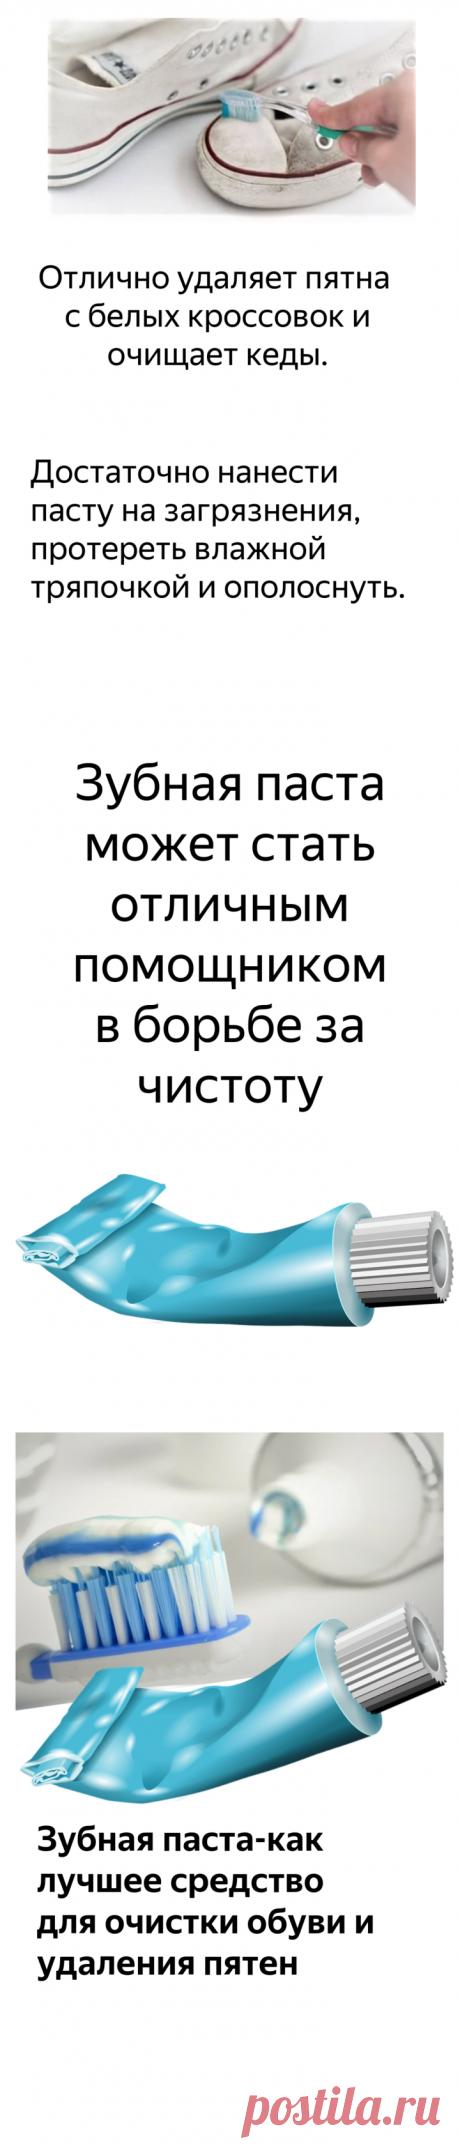 Зубная паста-как лучшее средство для очистки обуви и удаления пятен | В ЖИЗНИ это ПРИГОДИТСЯ | Яндекс Дзен